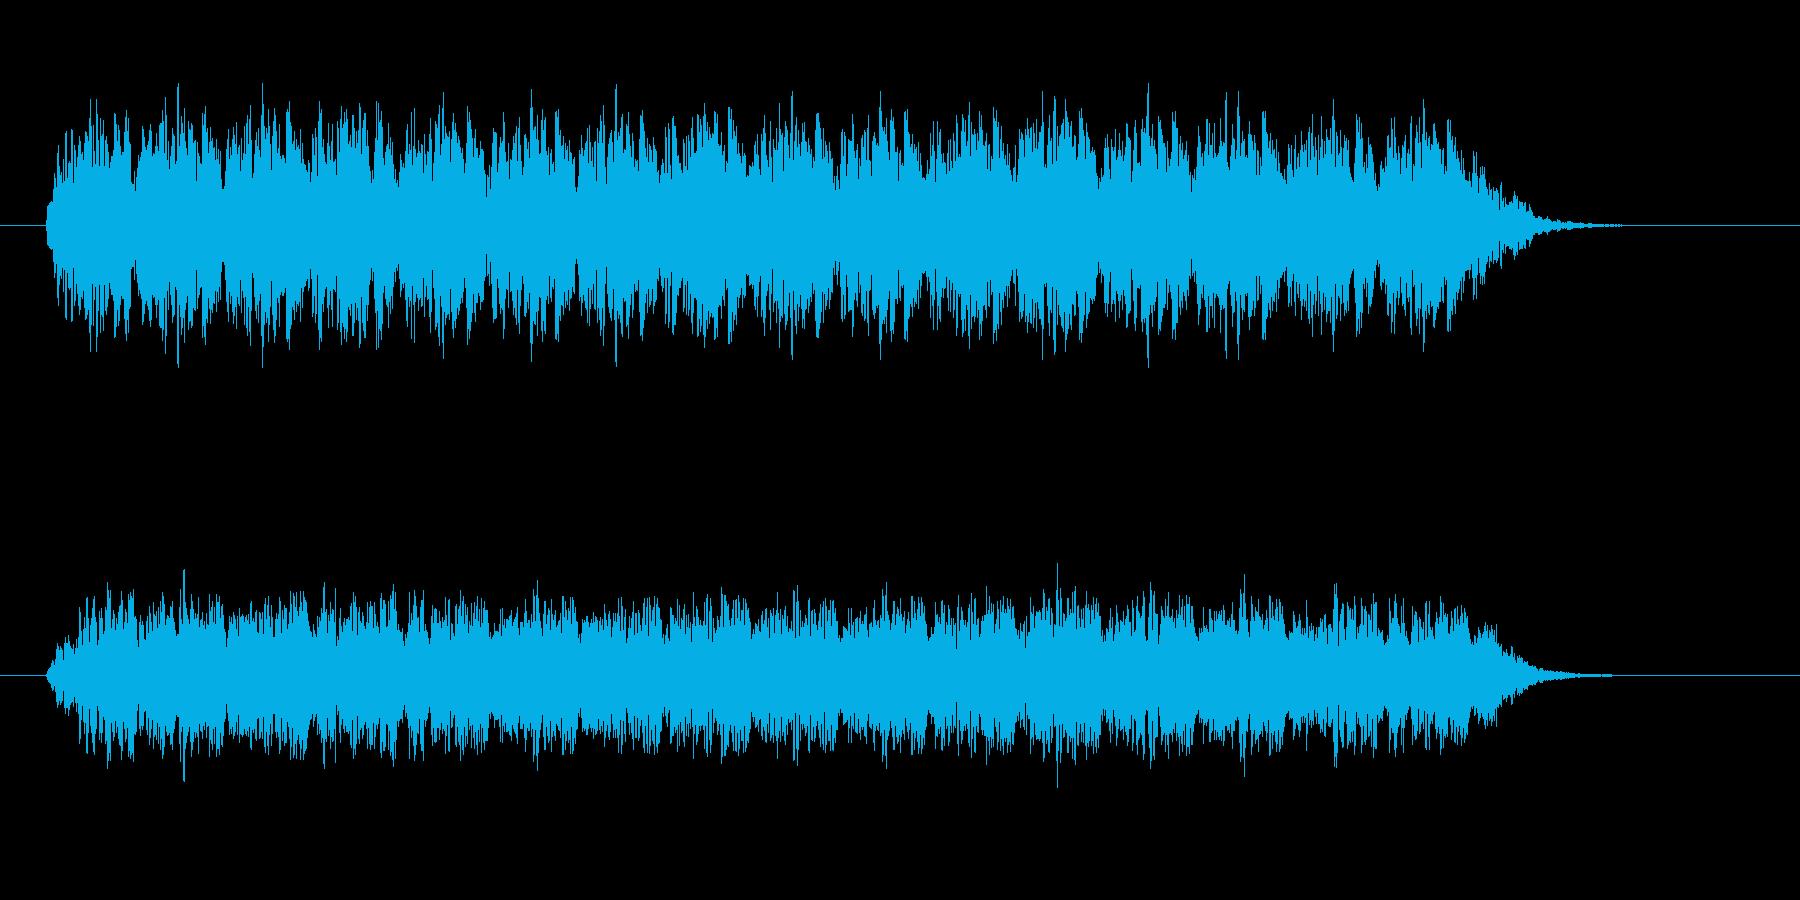 踏切警報音の再生済みの波形